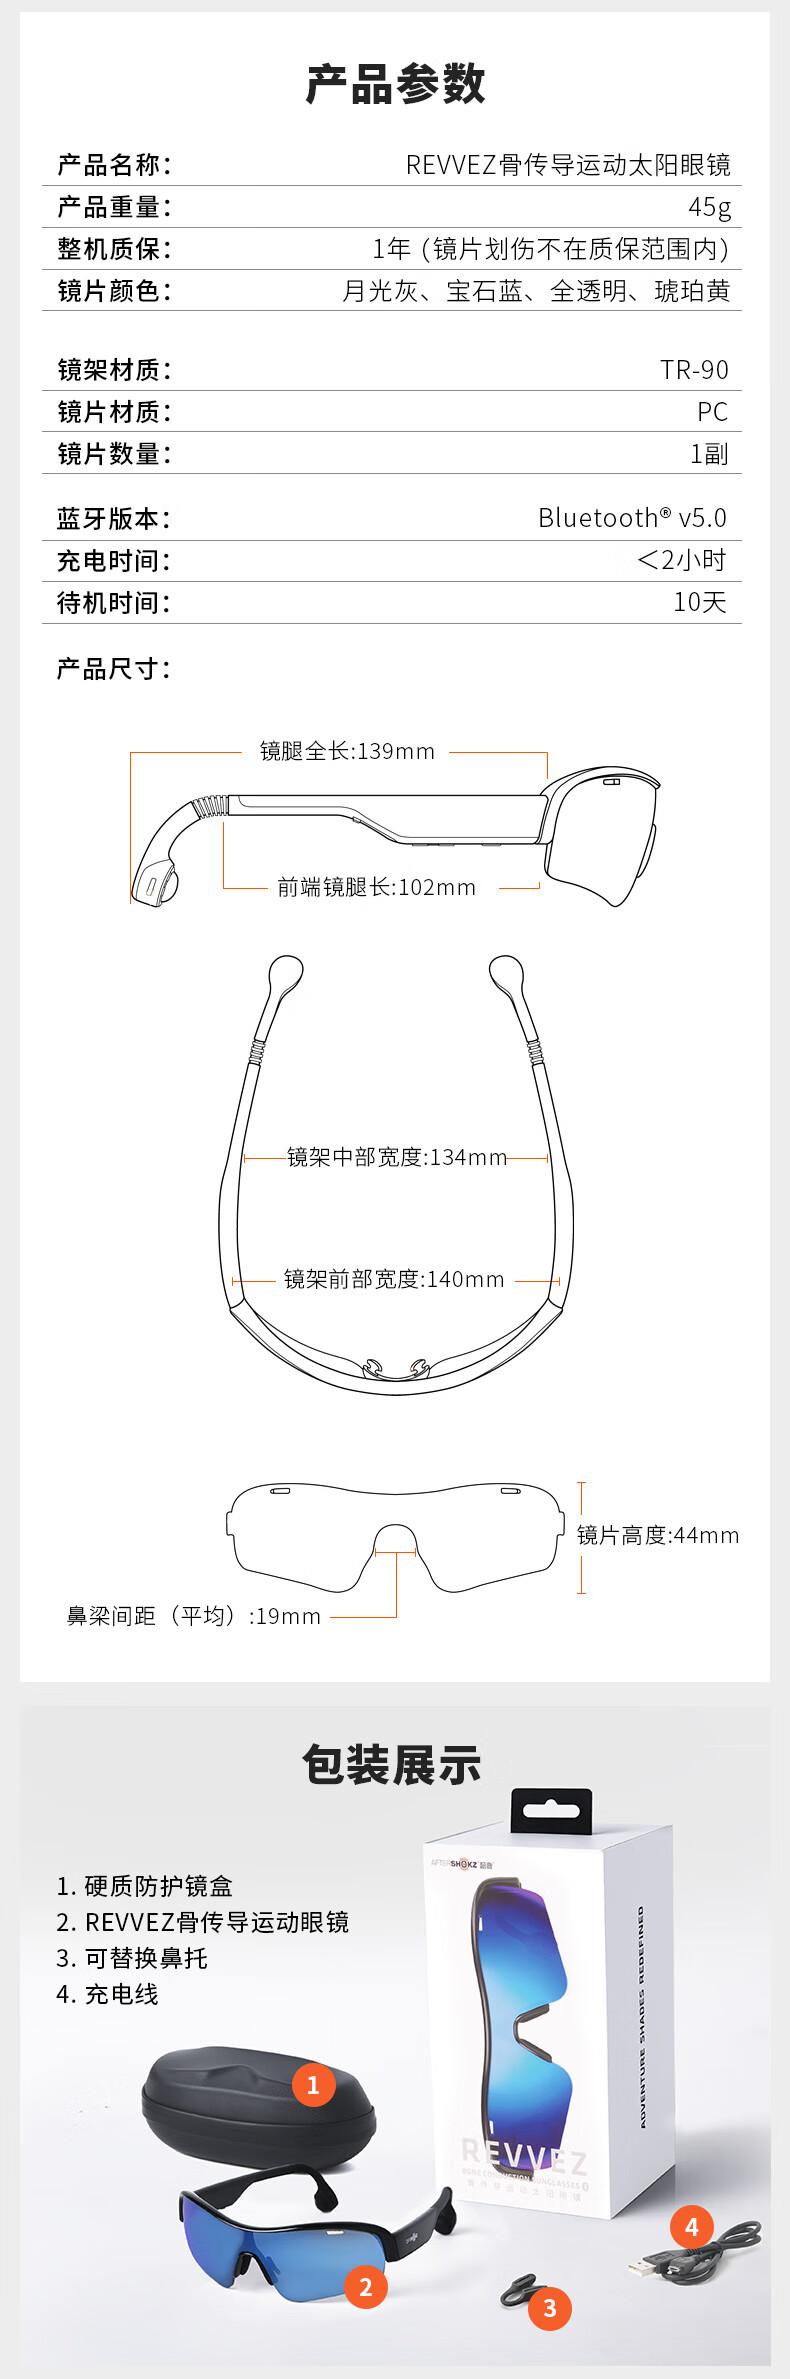 """一款""""好听""""的黑科技运动眼镜"""